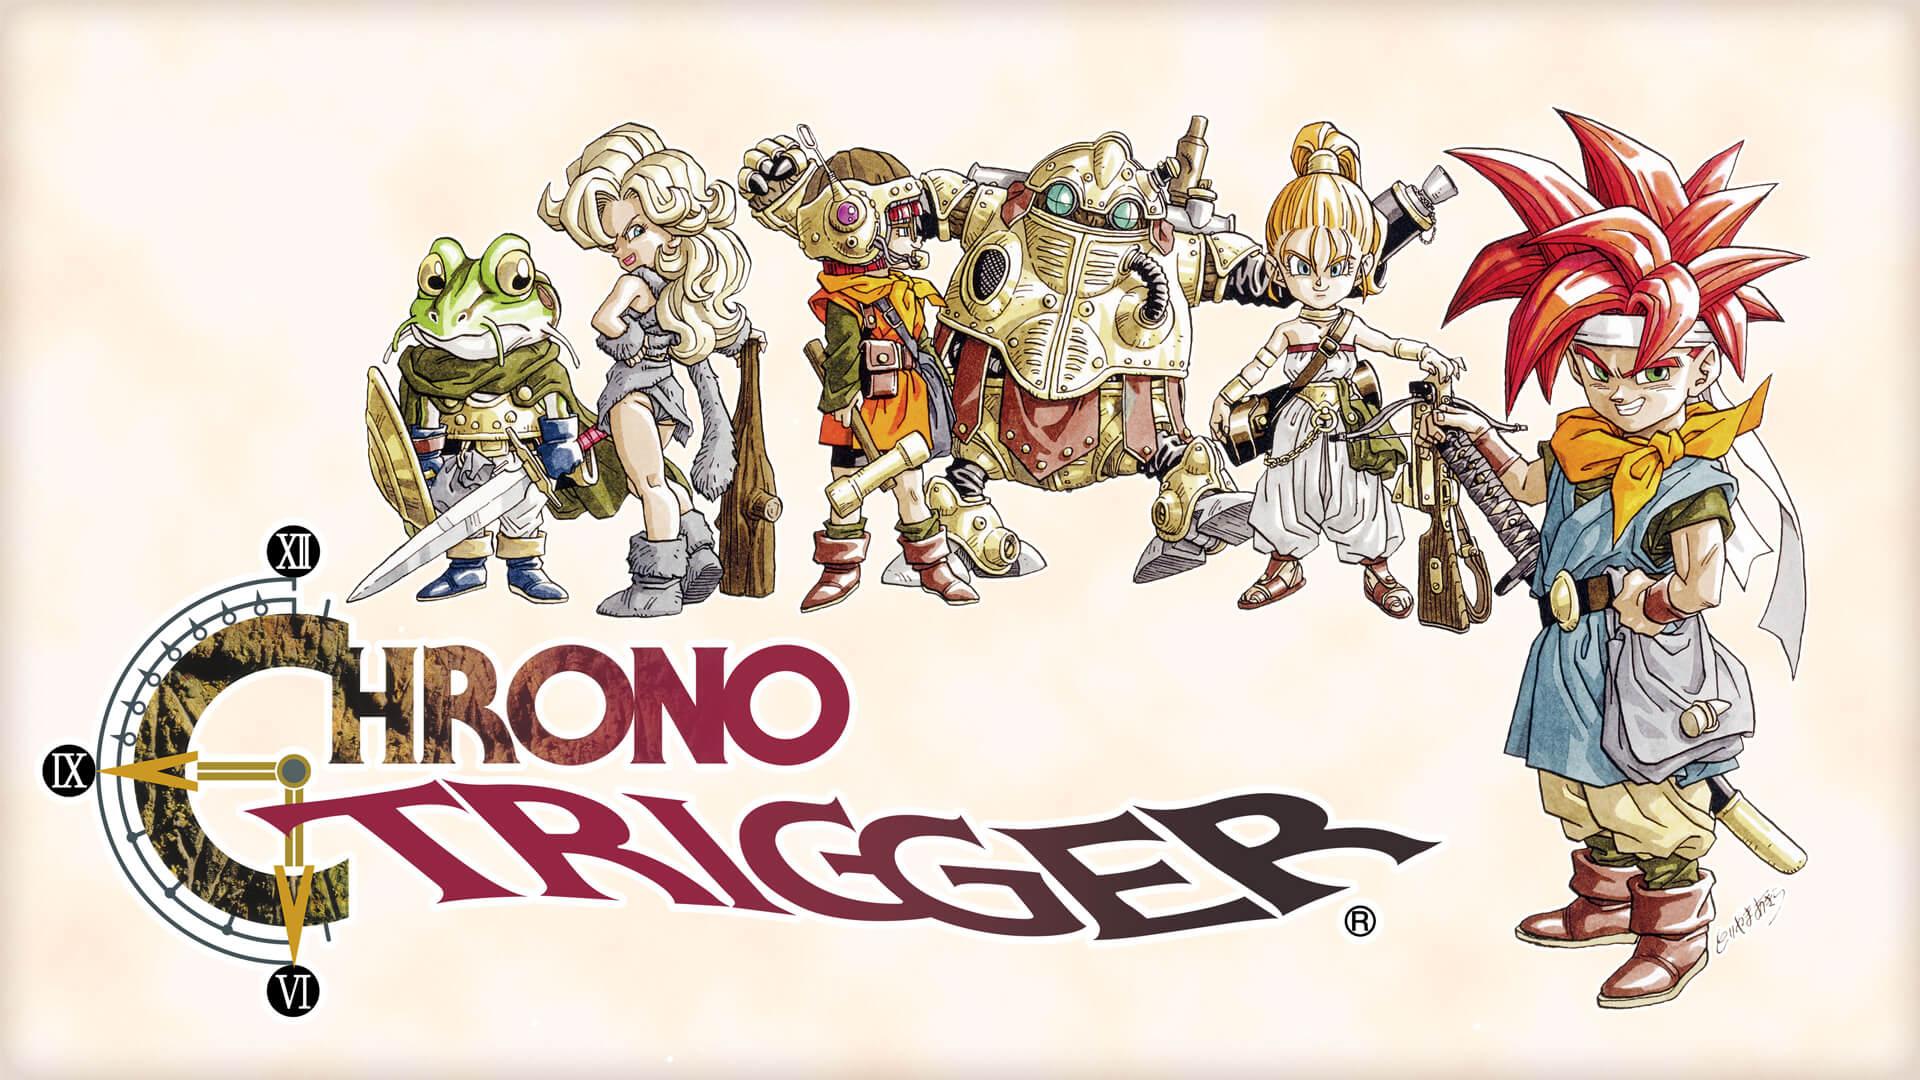 Chrono Trigger salió originalmente en Super Nintendo aunque nunca vio la luz en España.